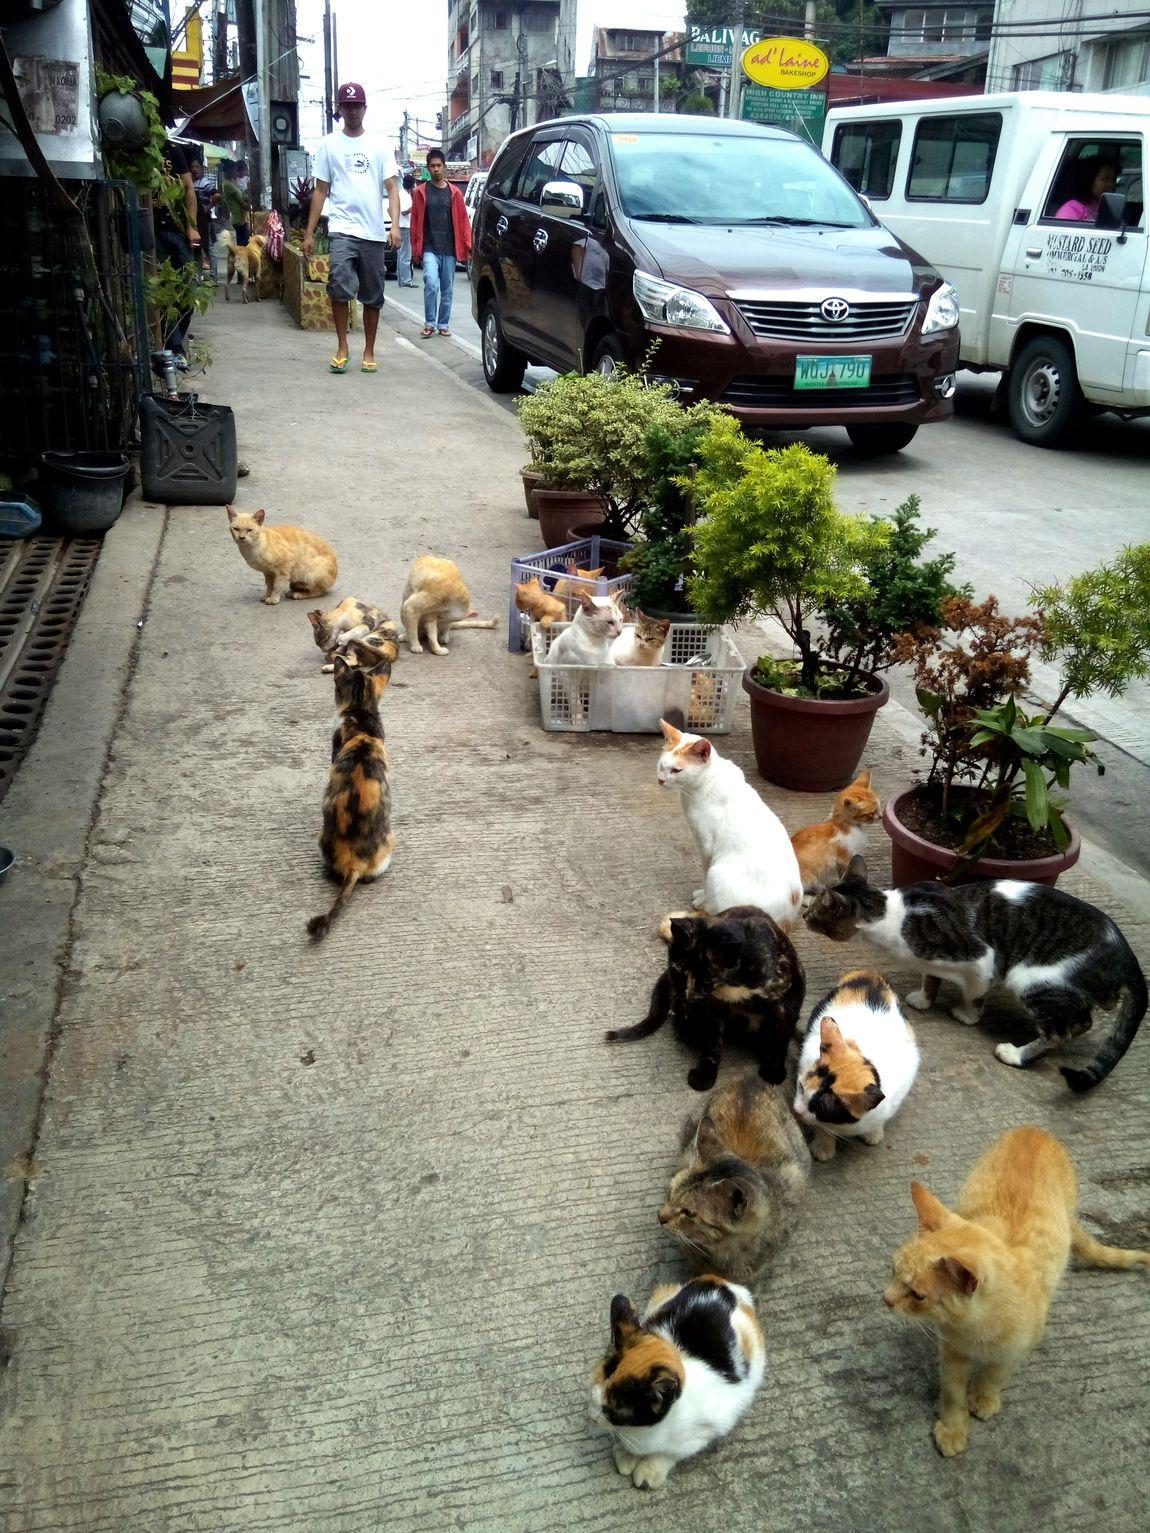 Cat Invasion Cats In The City Cats Lovers  Cats 🐱 Cats Of EyeEm Cat Lovers Nekostagram Neko